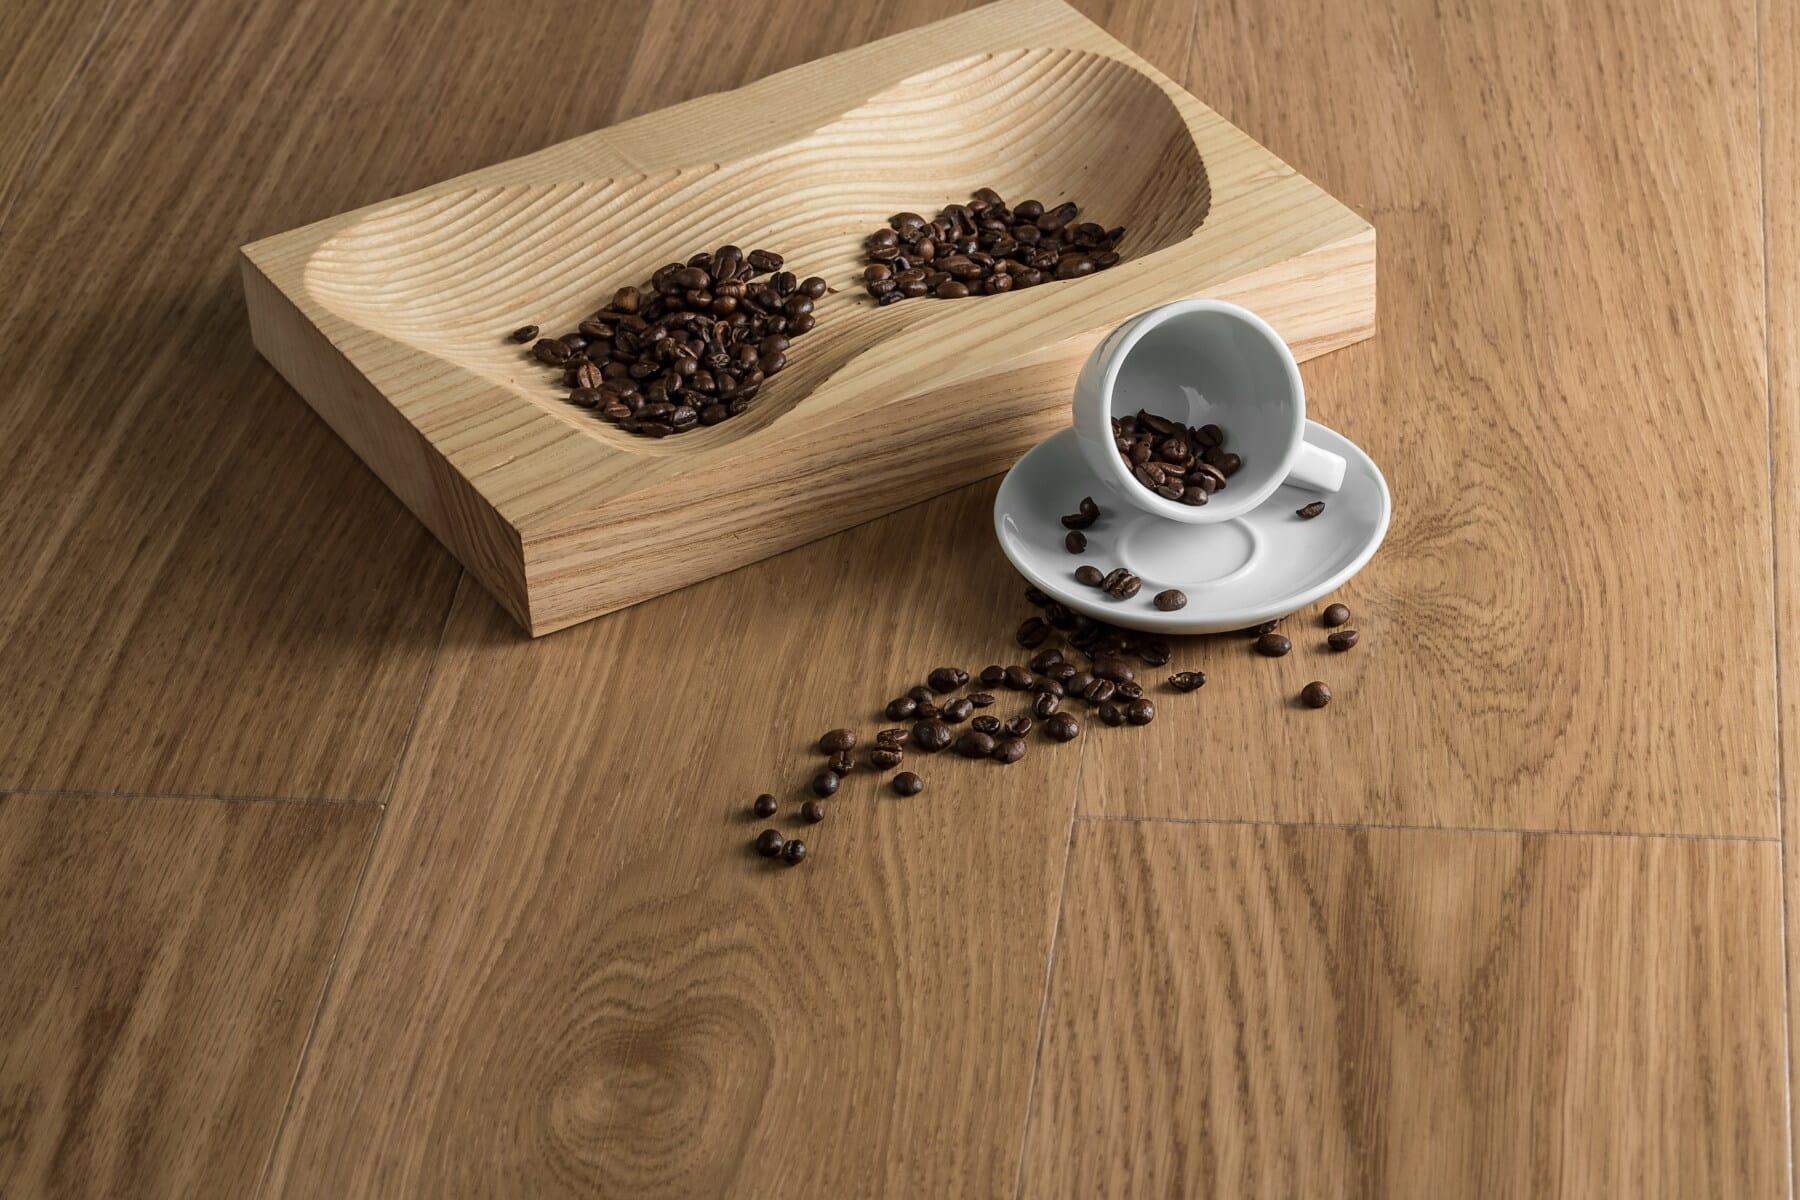 seminţe, întuneric, friptură, cafea, cana de cafea, maro, cappuccino, aroma, lemn, cofeina